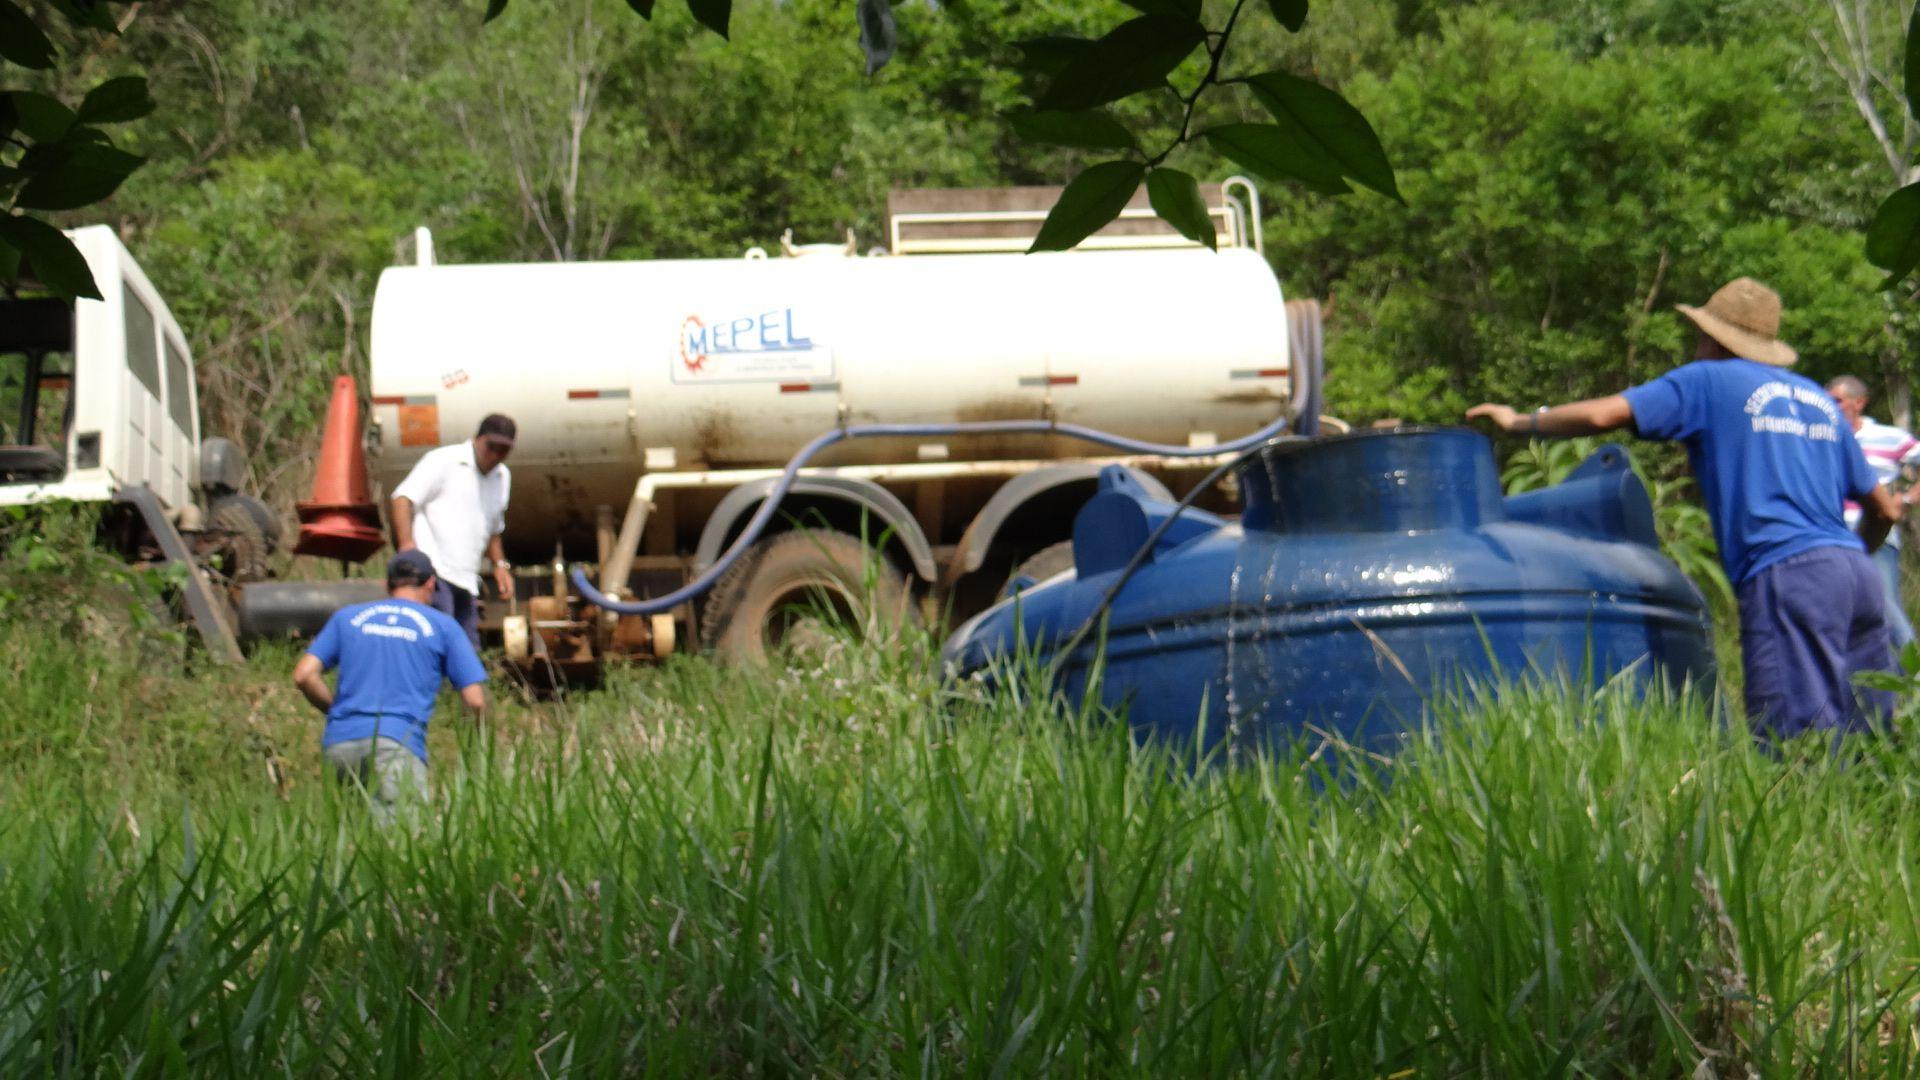 Aumenta a demanda por transporte de água em Concórdia